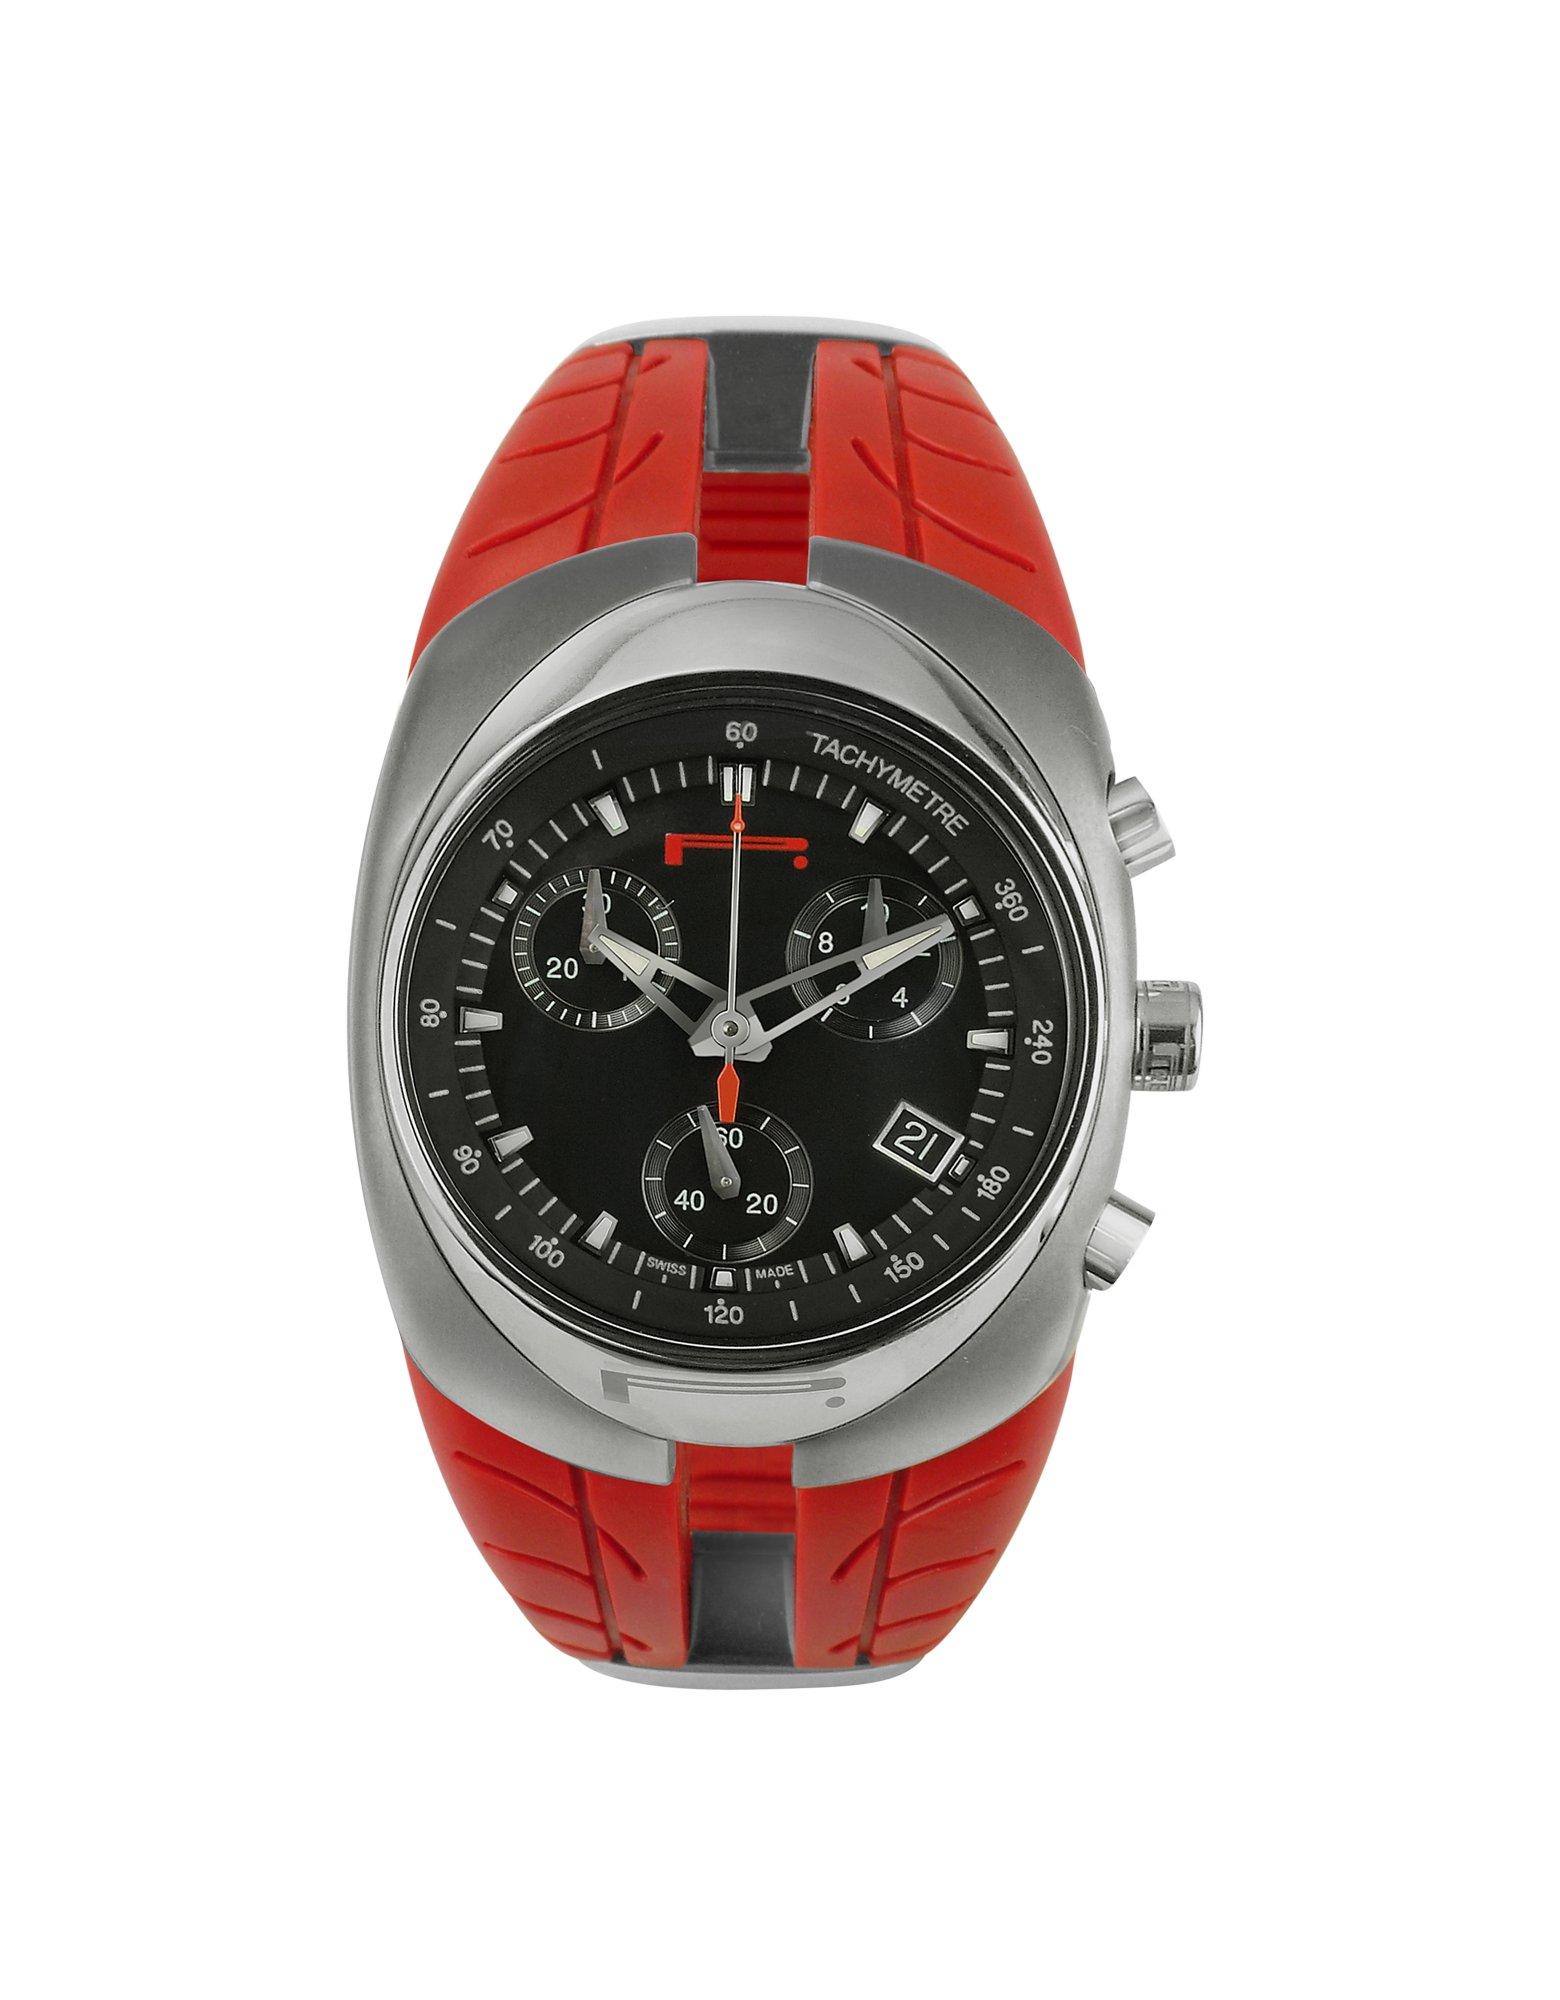 Lyst - Pirelli Pzero P Zero - Womens Red Rubber Strap Chrono Watch in Red